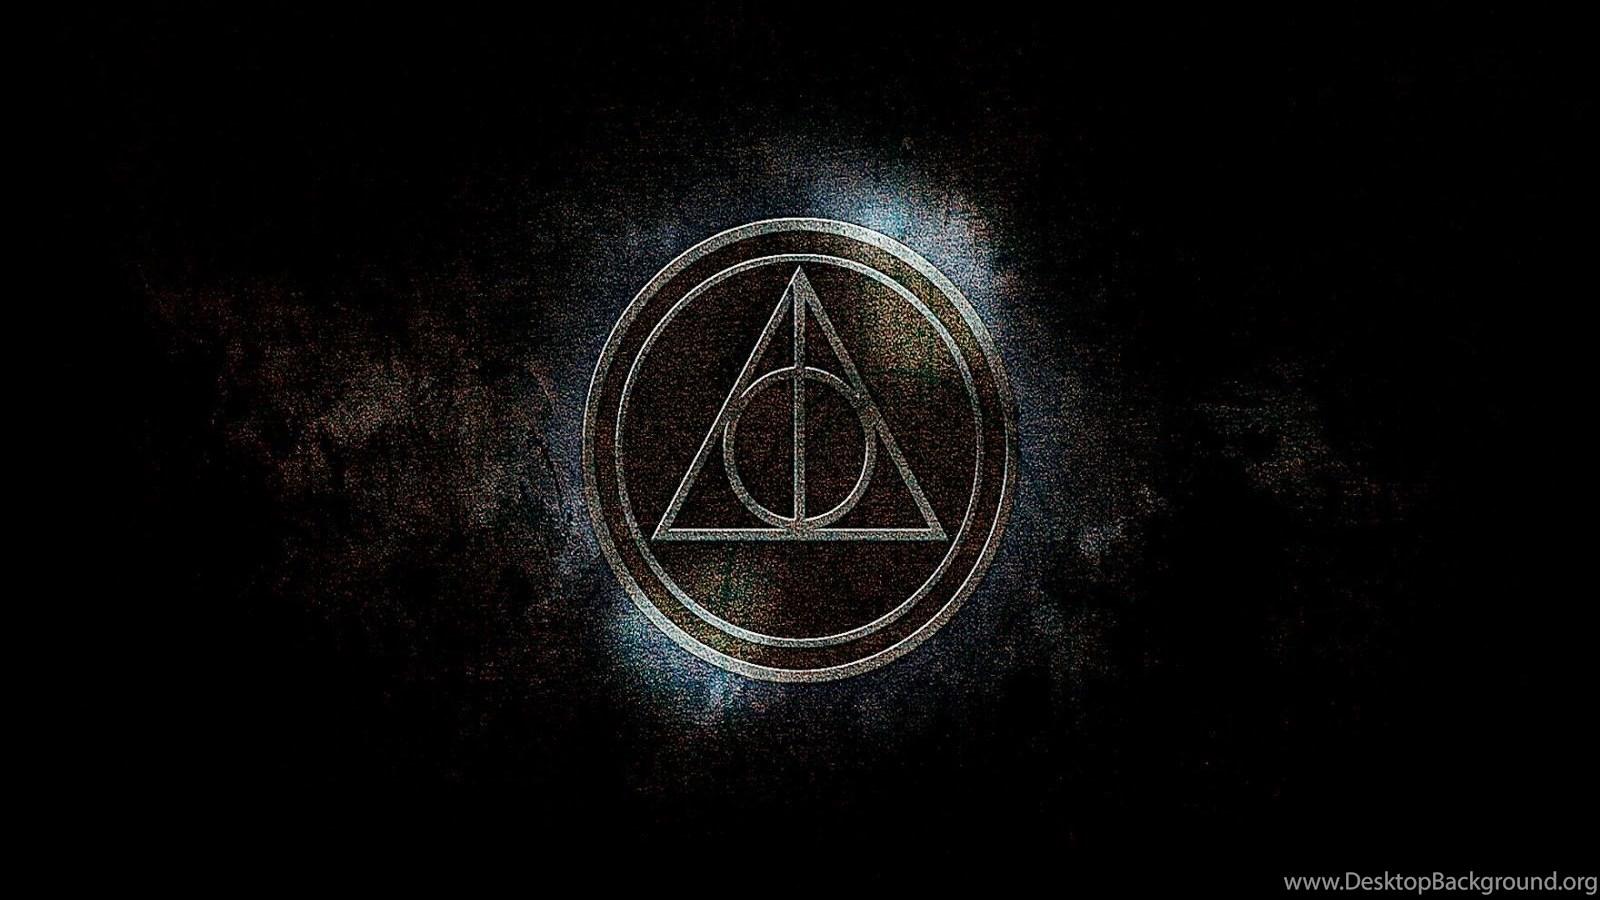 Harry Potter Desktop Background: Justpict.com Harry Potter Wallpapers Hd Desktop Background